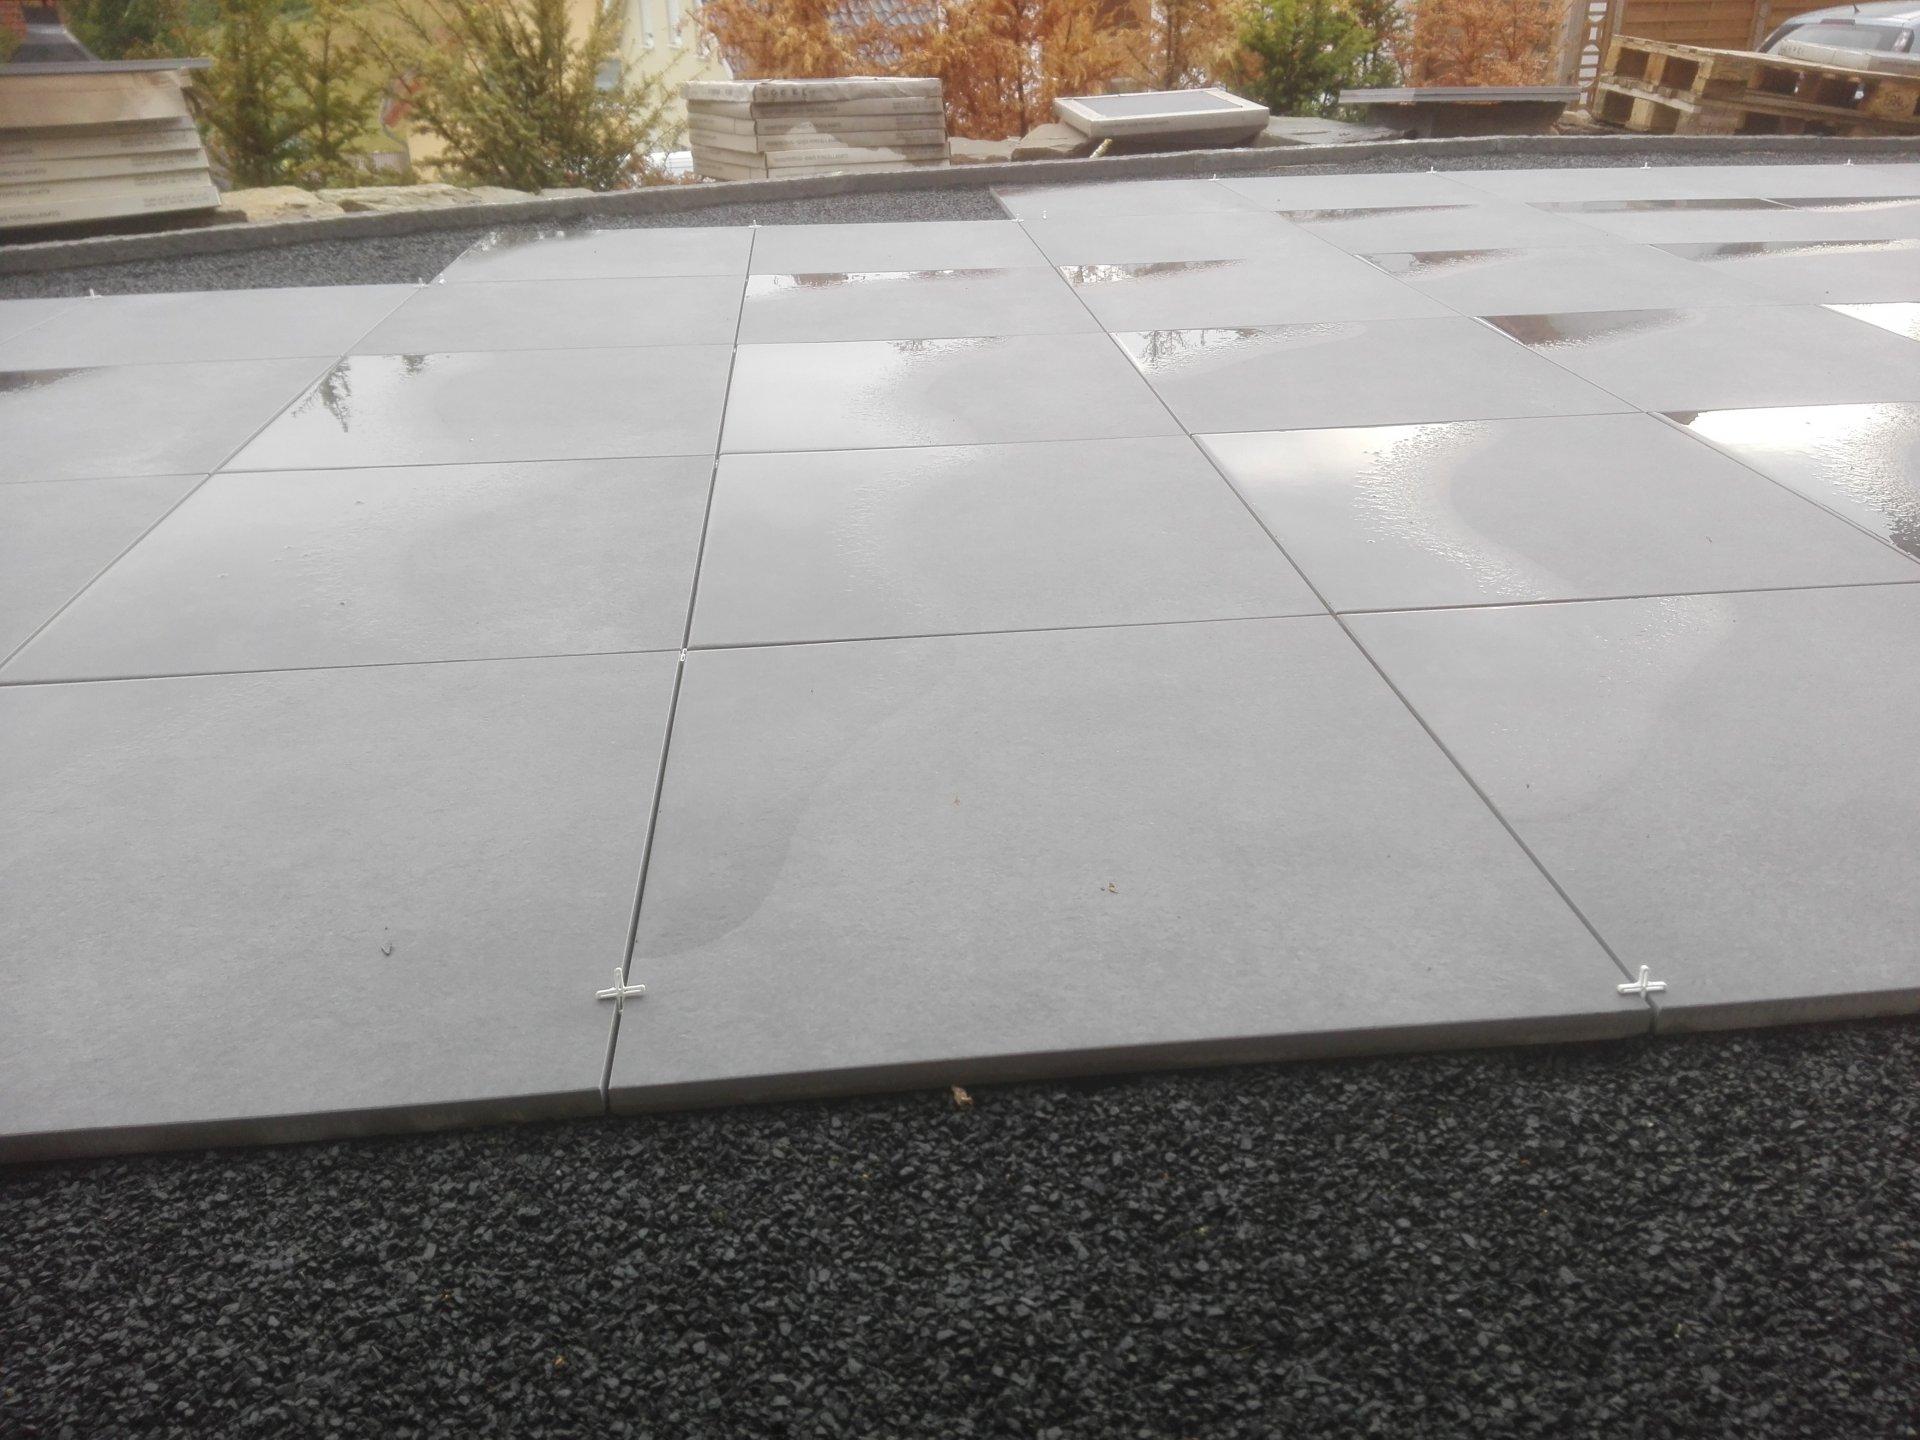 Wasser bleibt auf den Terrassenplatten stehen.